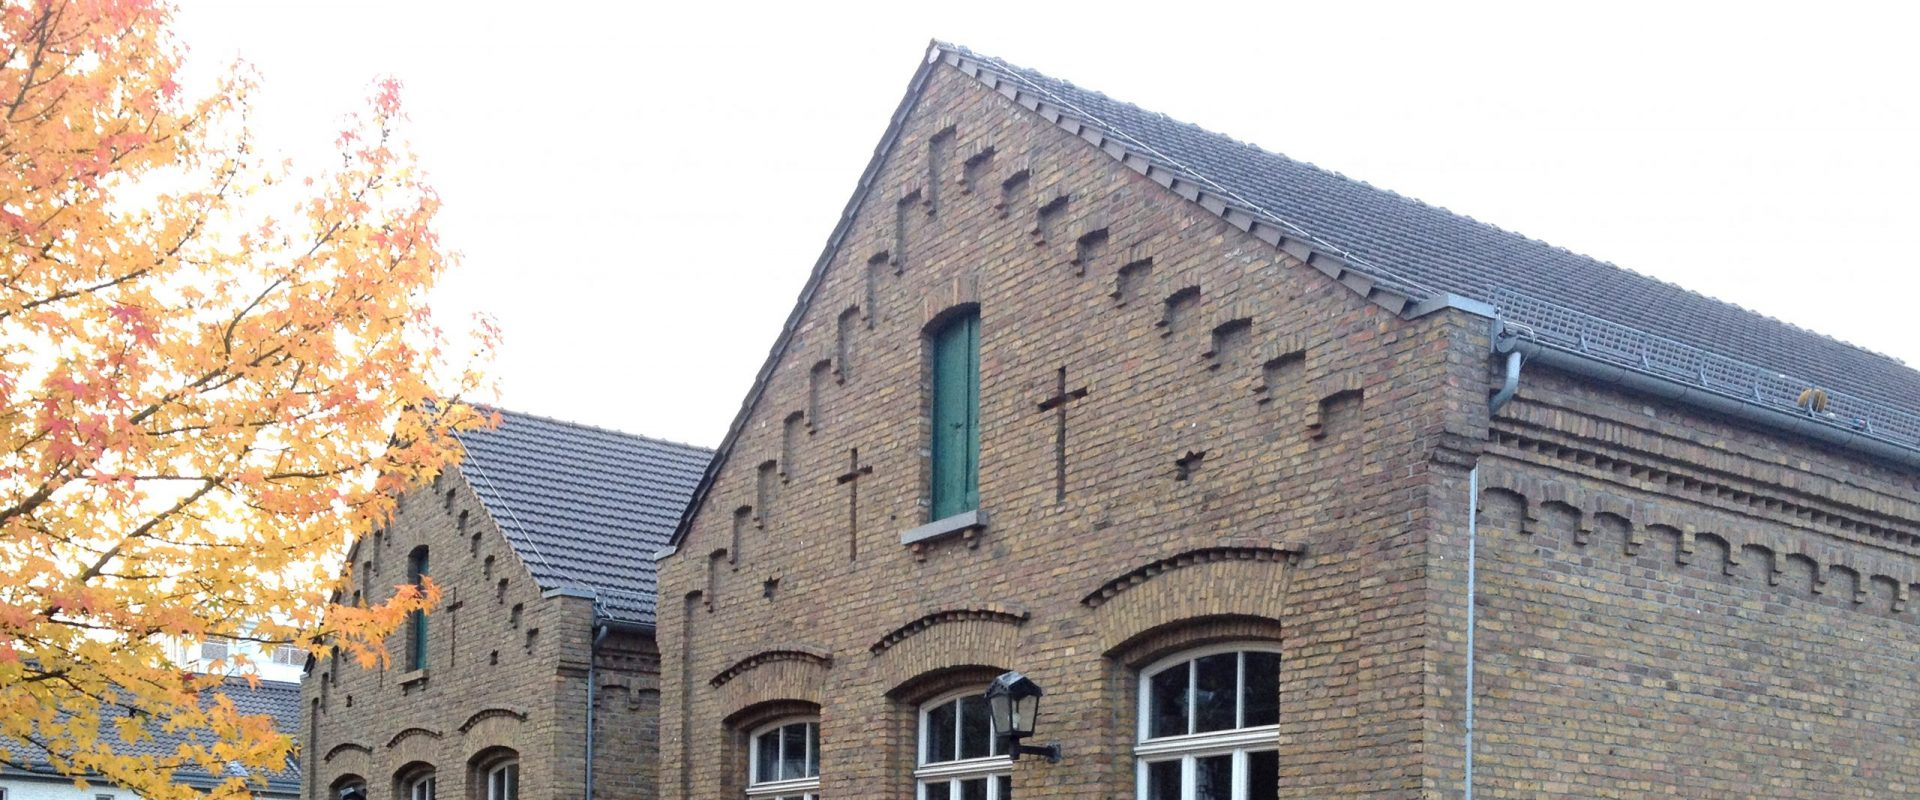 Städtische Katholische Grundschule Niederkassel